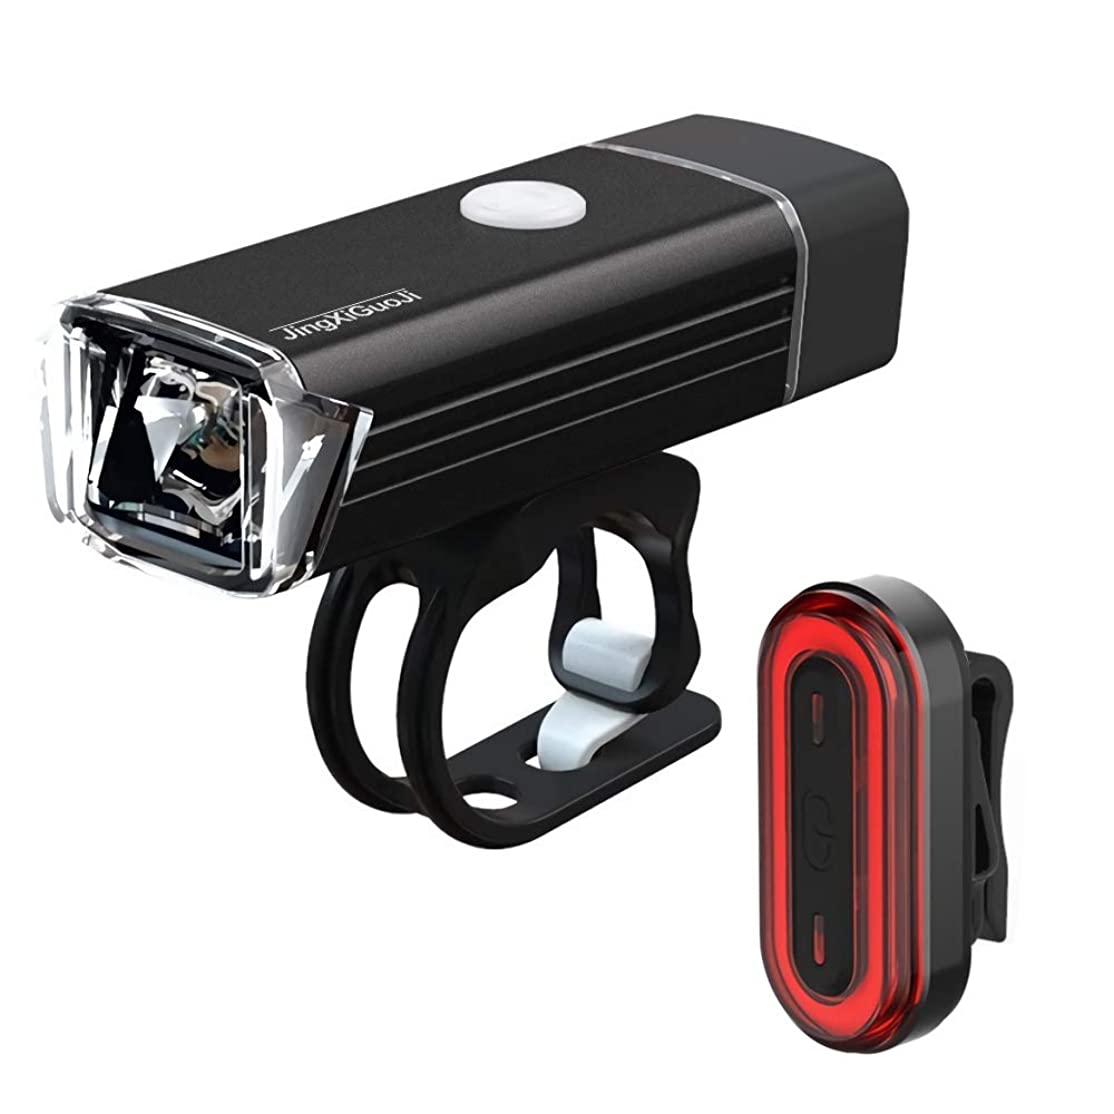 洞察力洞察力系統的JingXiGuoJi 自転車ライト 前/後照灯 USB充電式 自転車LEDヘッドライト 高輝度 4モード対応 10時間連続点灯 ホイールライト 取り付け簡単 防水 防振 軽量 StVZO前照灯規格適合品 懐中電灯兼用LEDバルブライト 6モードLEDテールライト付き